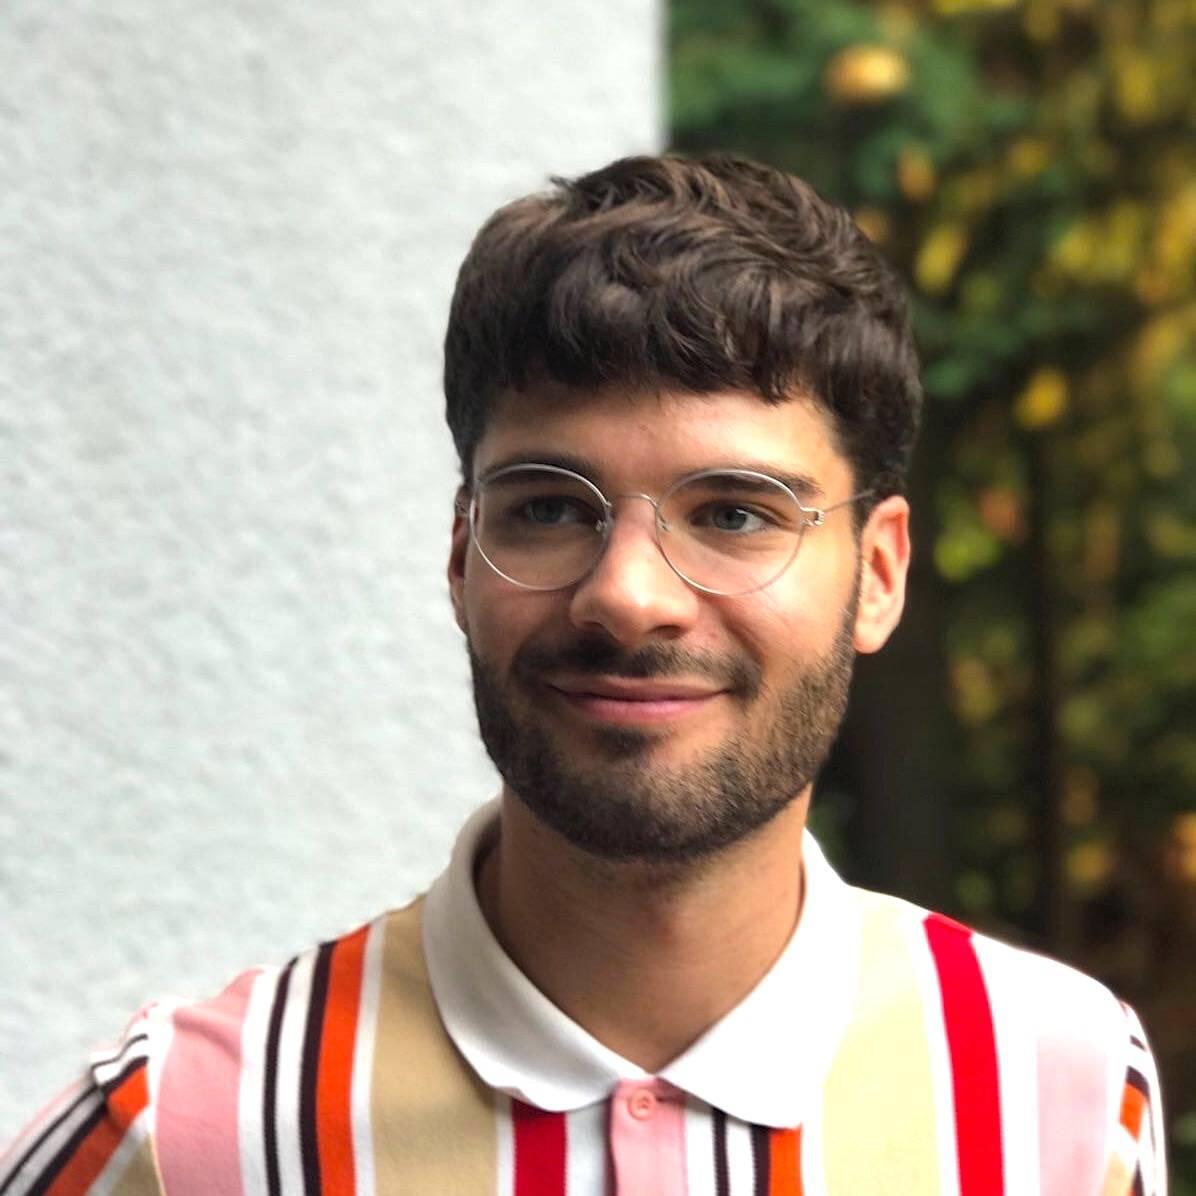 Dr. med. Max Jäger, Bruder von Johanna